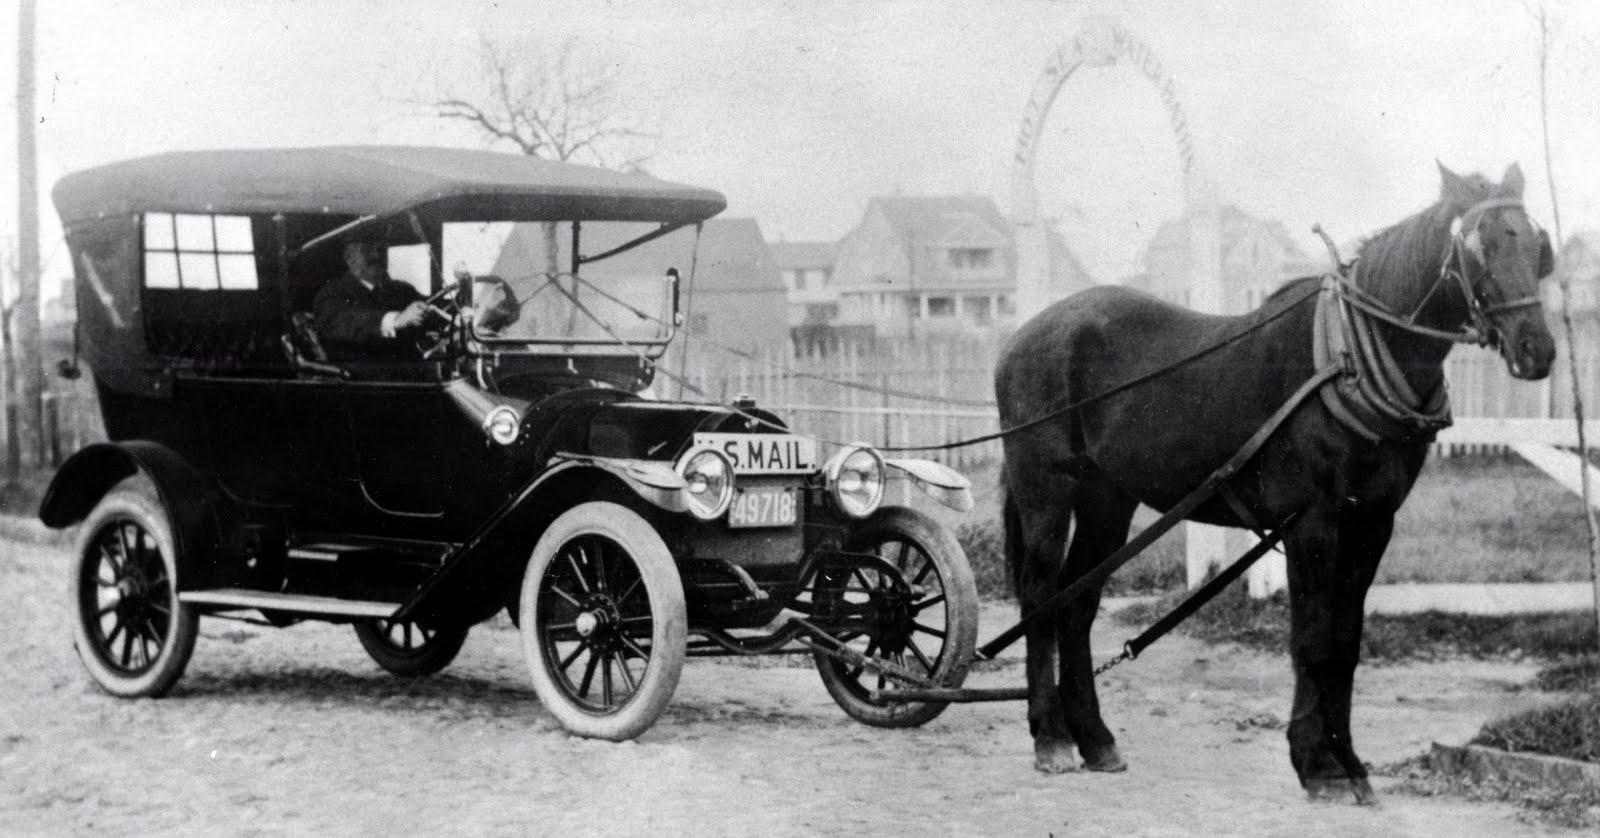 100 yıl önce kullanılan at arabaları